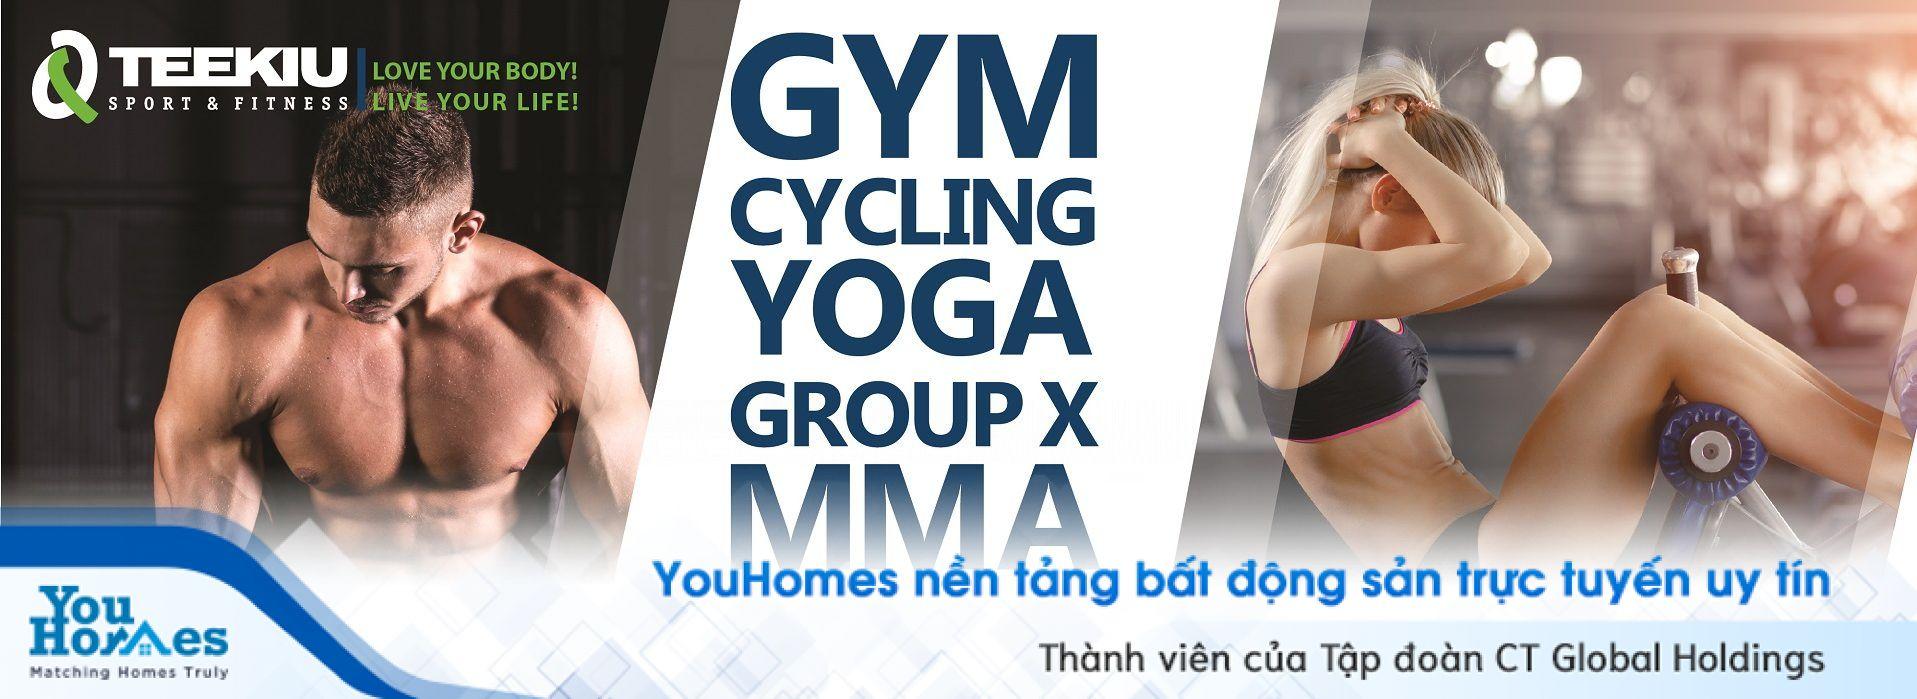 Mách bạn những địa chỉ Fitness & Yoga uy tín, đạt chuẩn Quốc tế gần Vinhomes Metropolis!